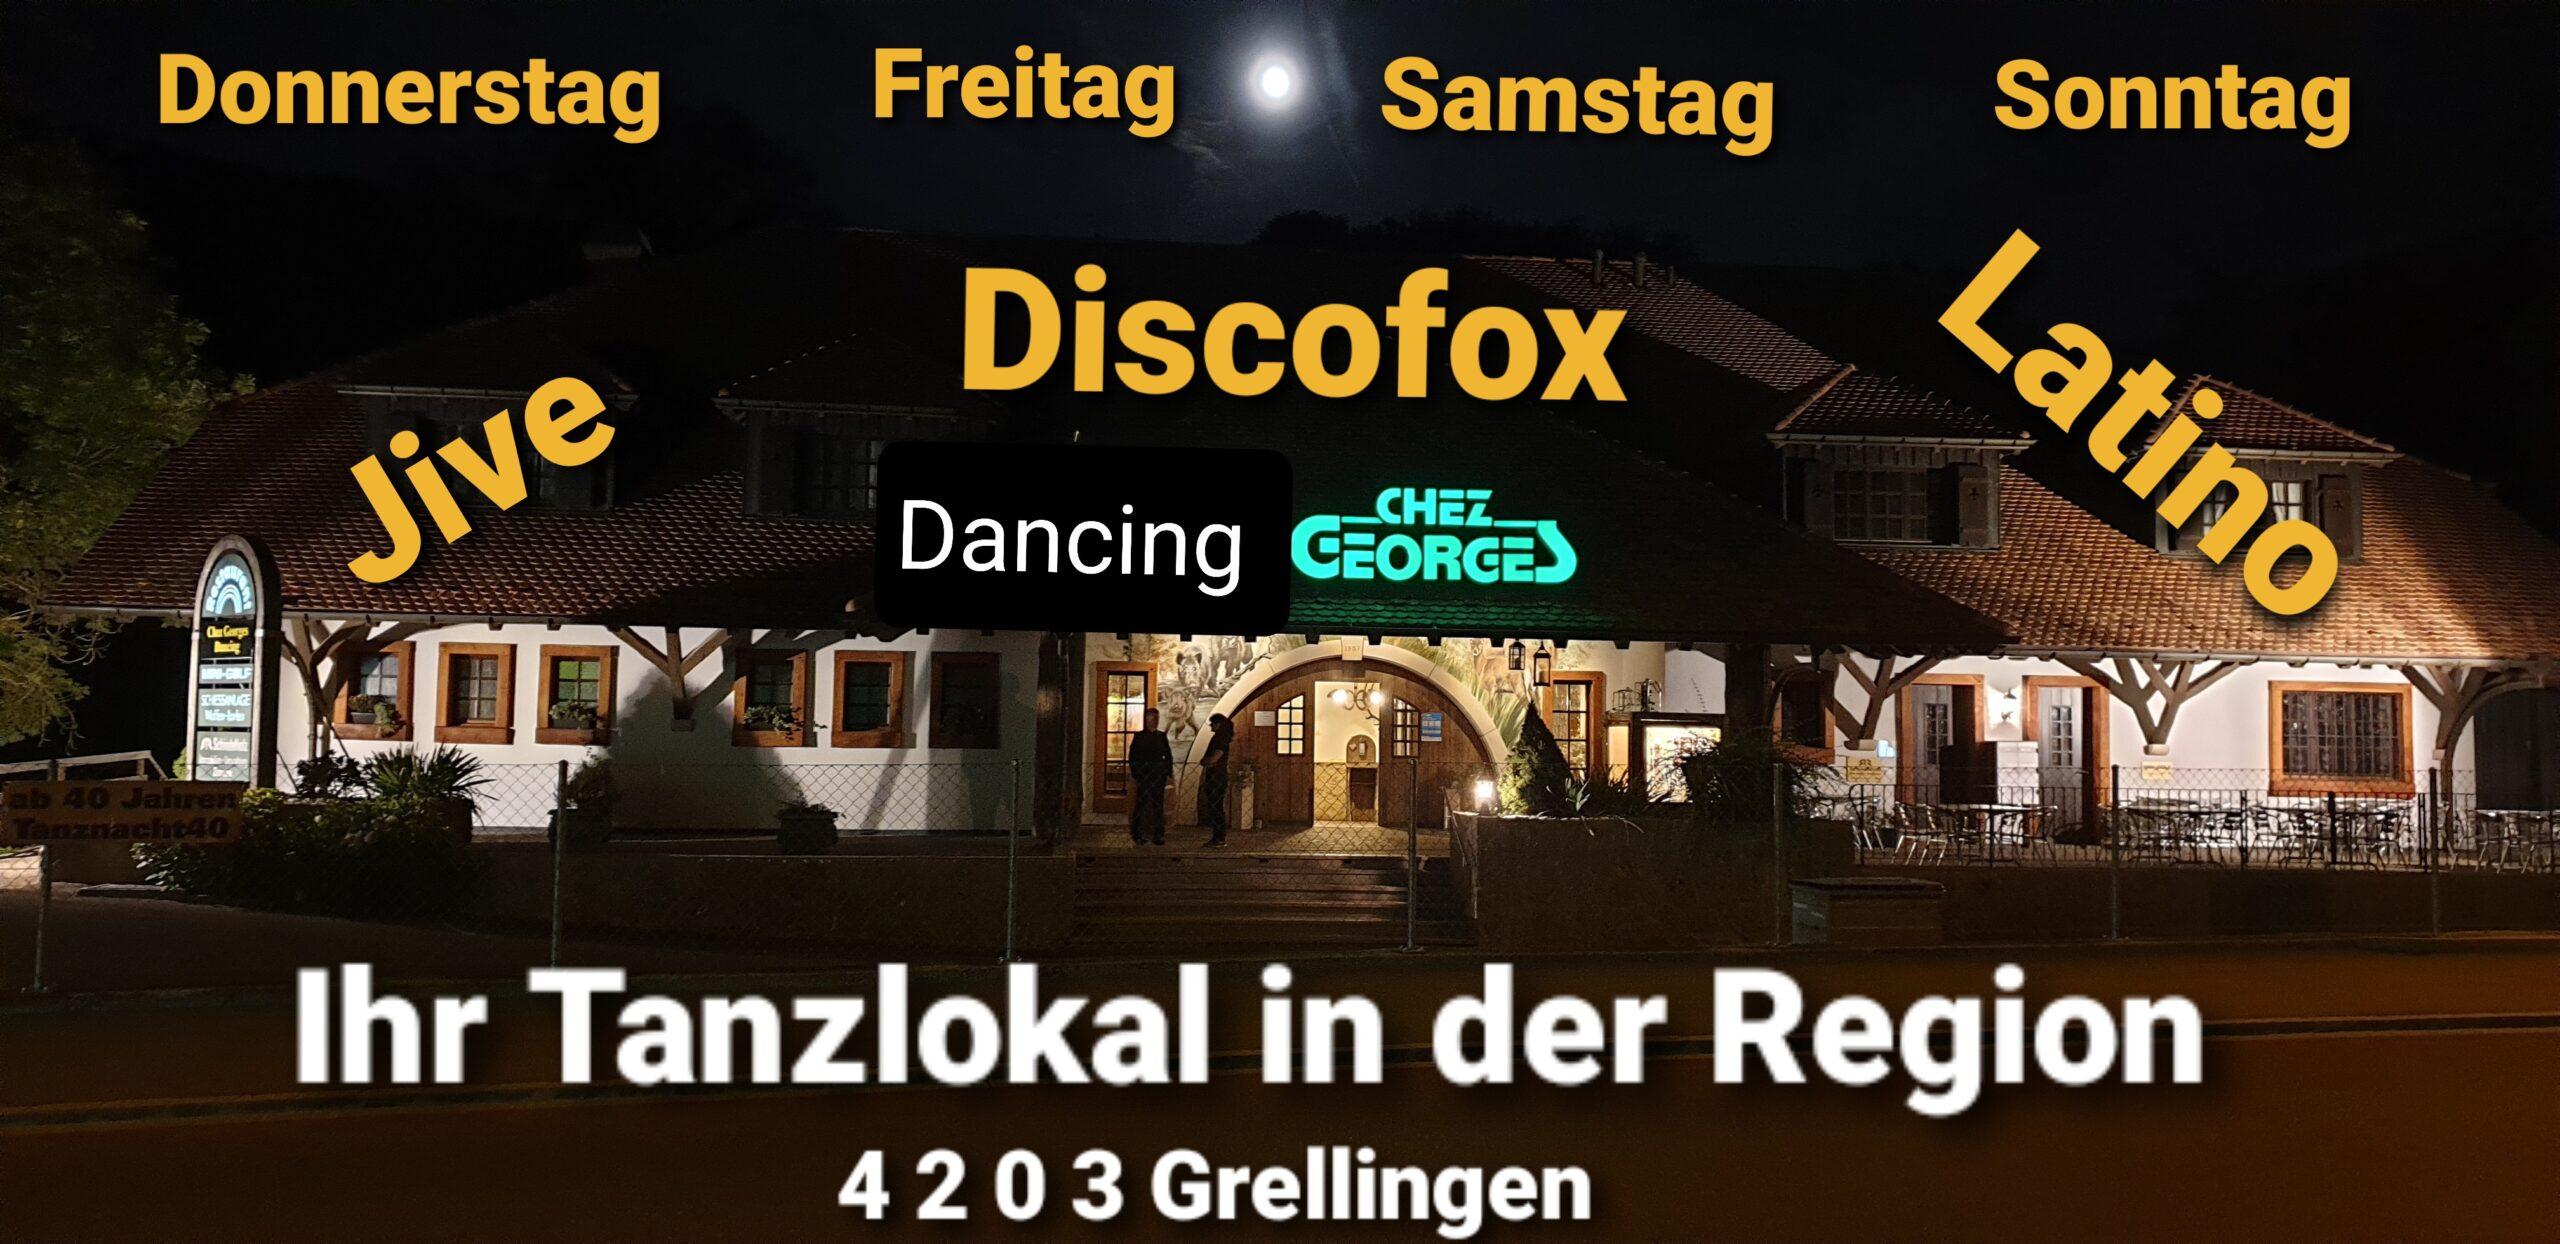 Restaurants und Tanzlokal